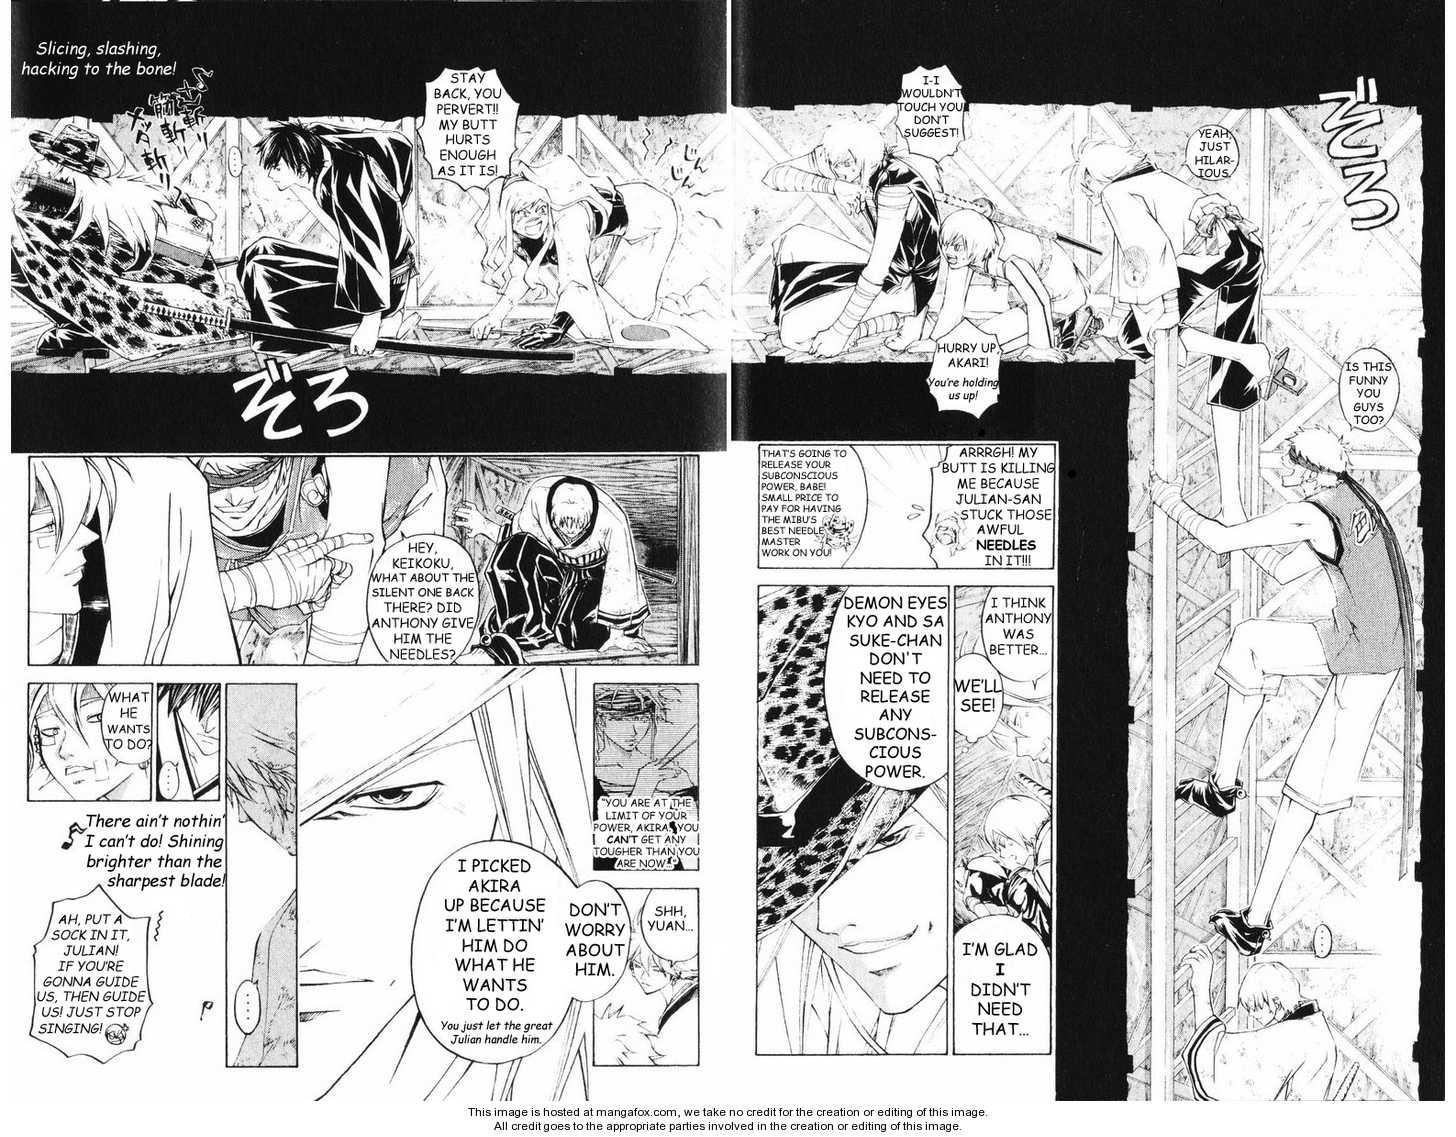 Samurai Deeper Kyo 252 Page 4